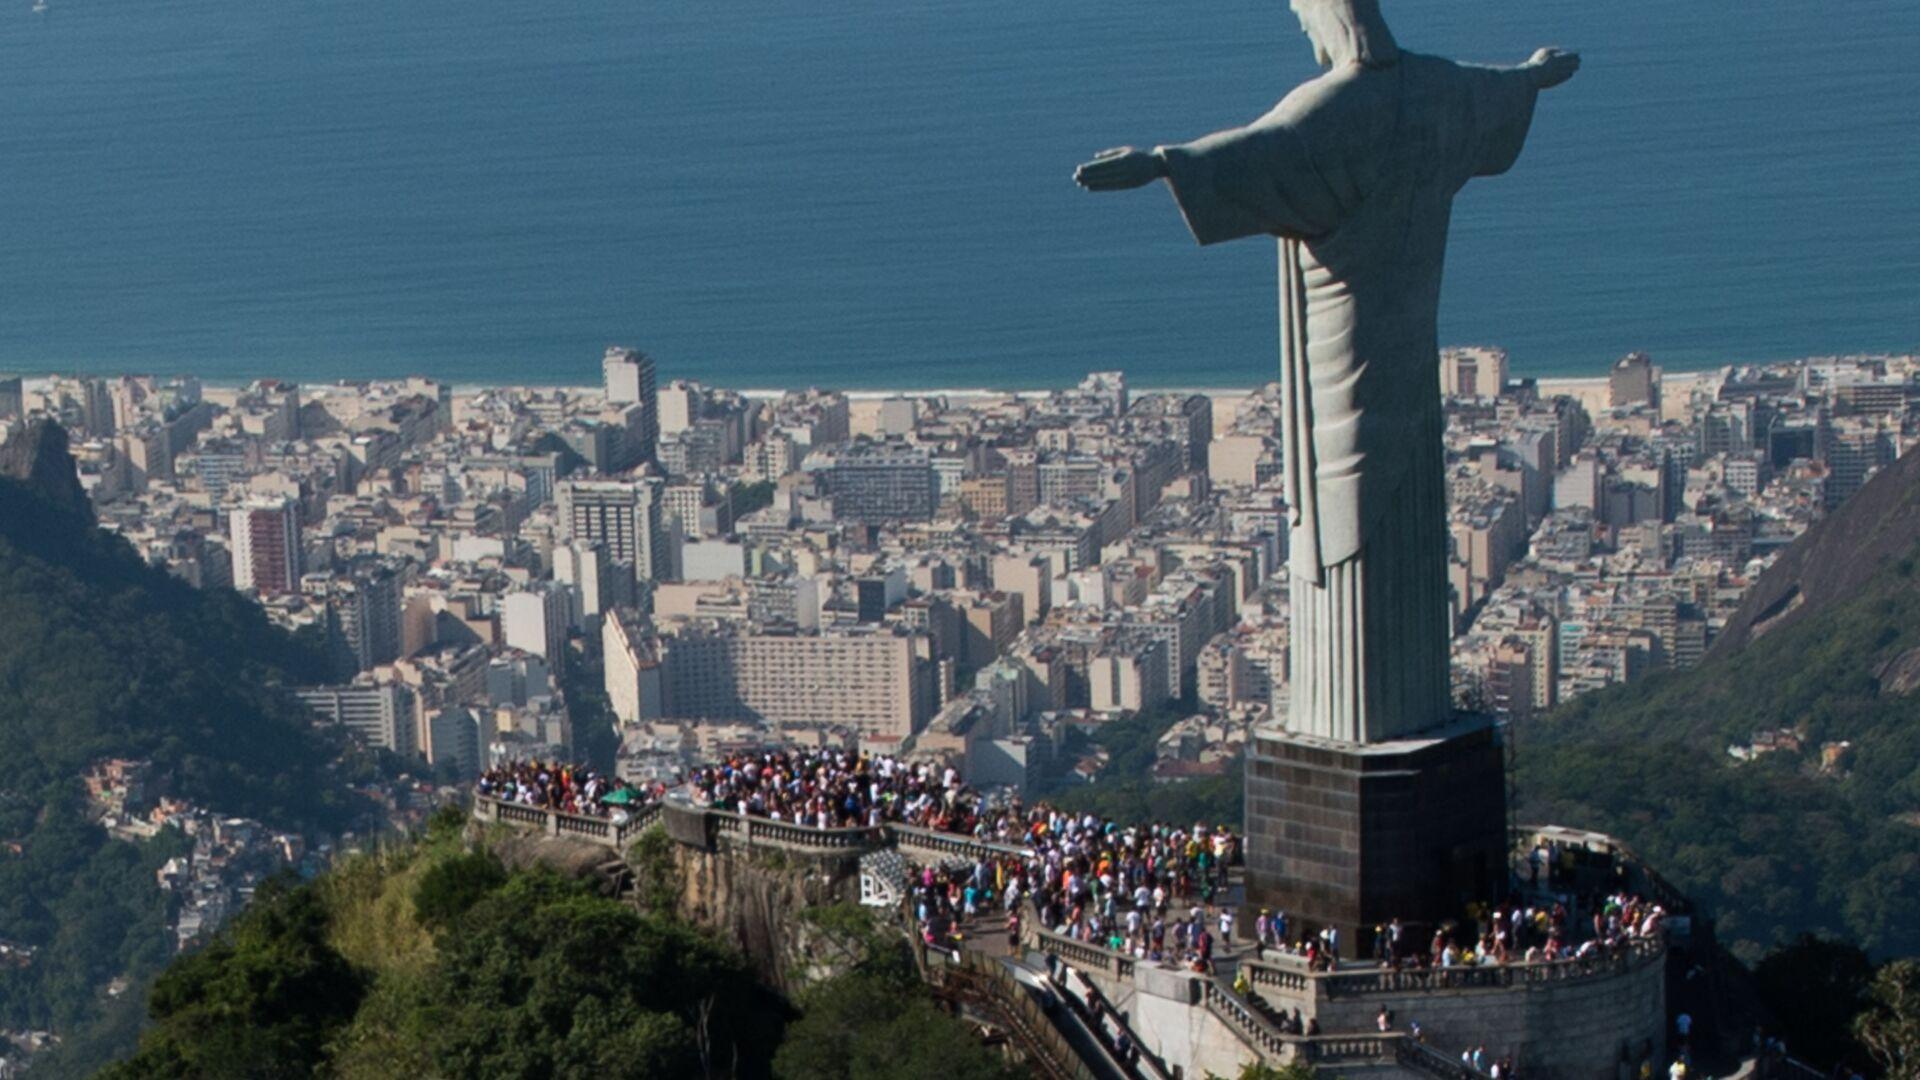 La statua di Cristo Redentore a Rio de Janeiro, Brasile - Sputnik Italia, 1920, 12.04.2021